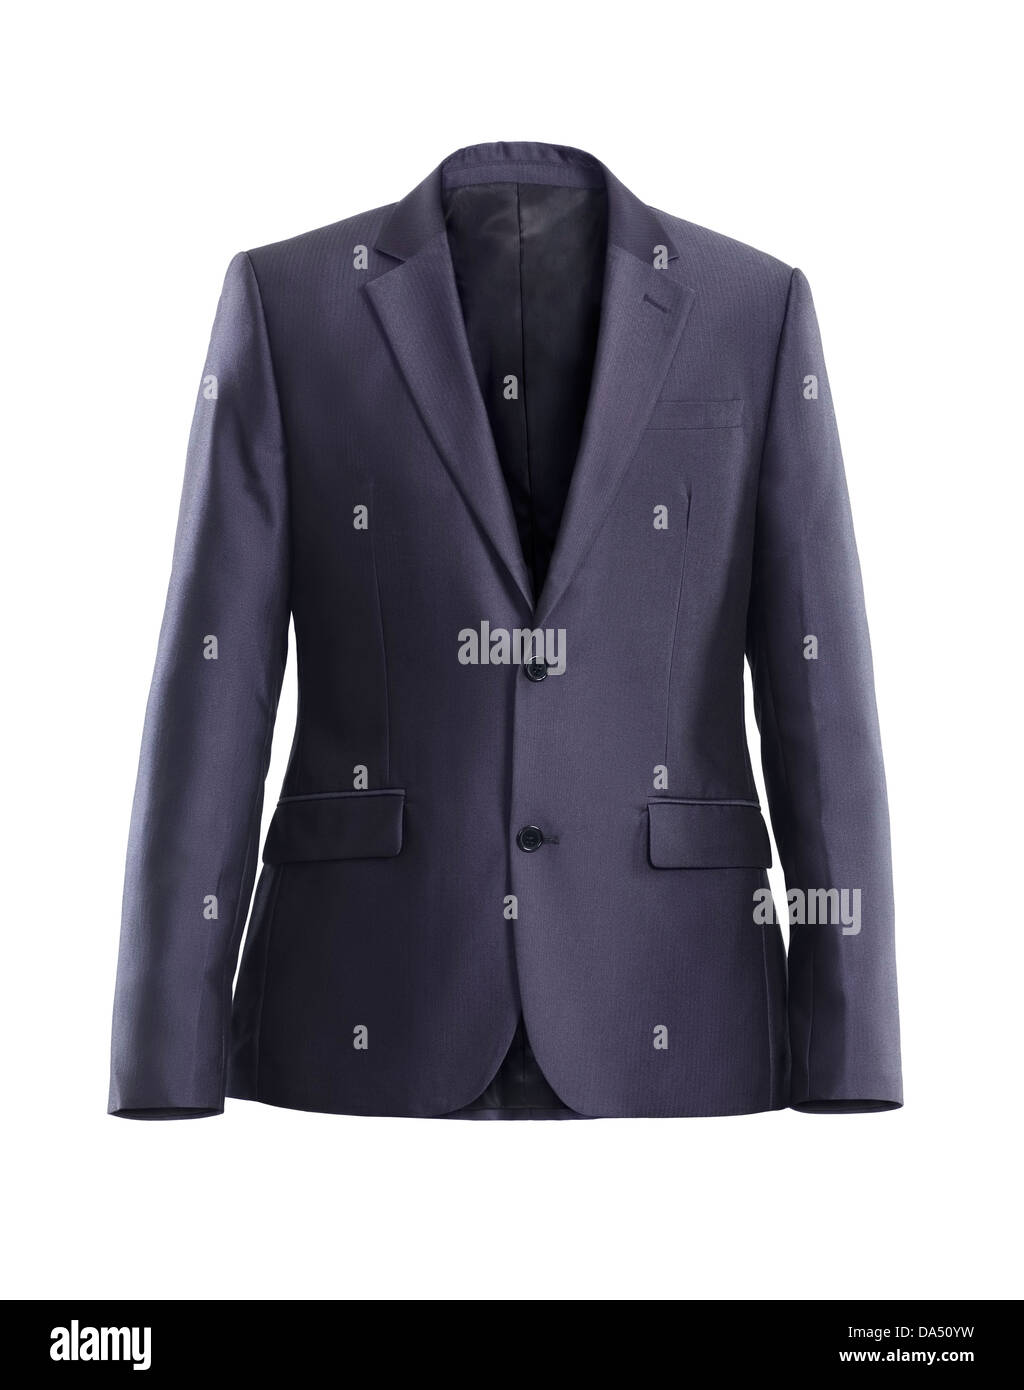 Business-Anzug-Jacke, Kleid grau Herren Jacke isoliert auf weißem Hintergrund Stockbild